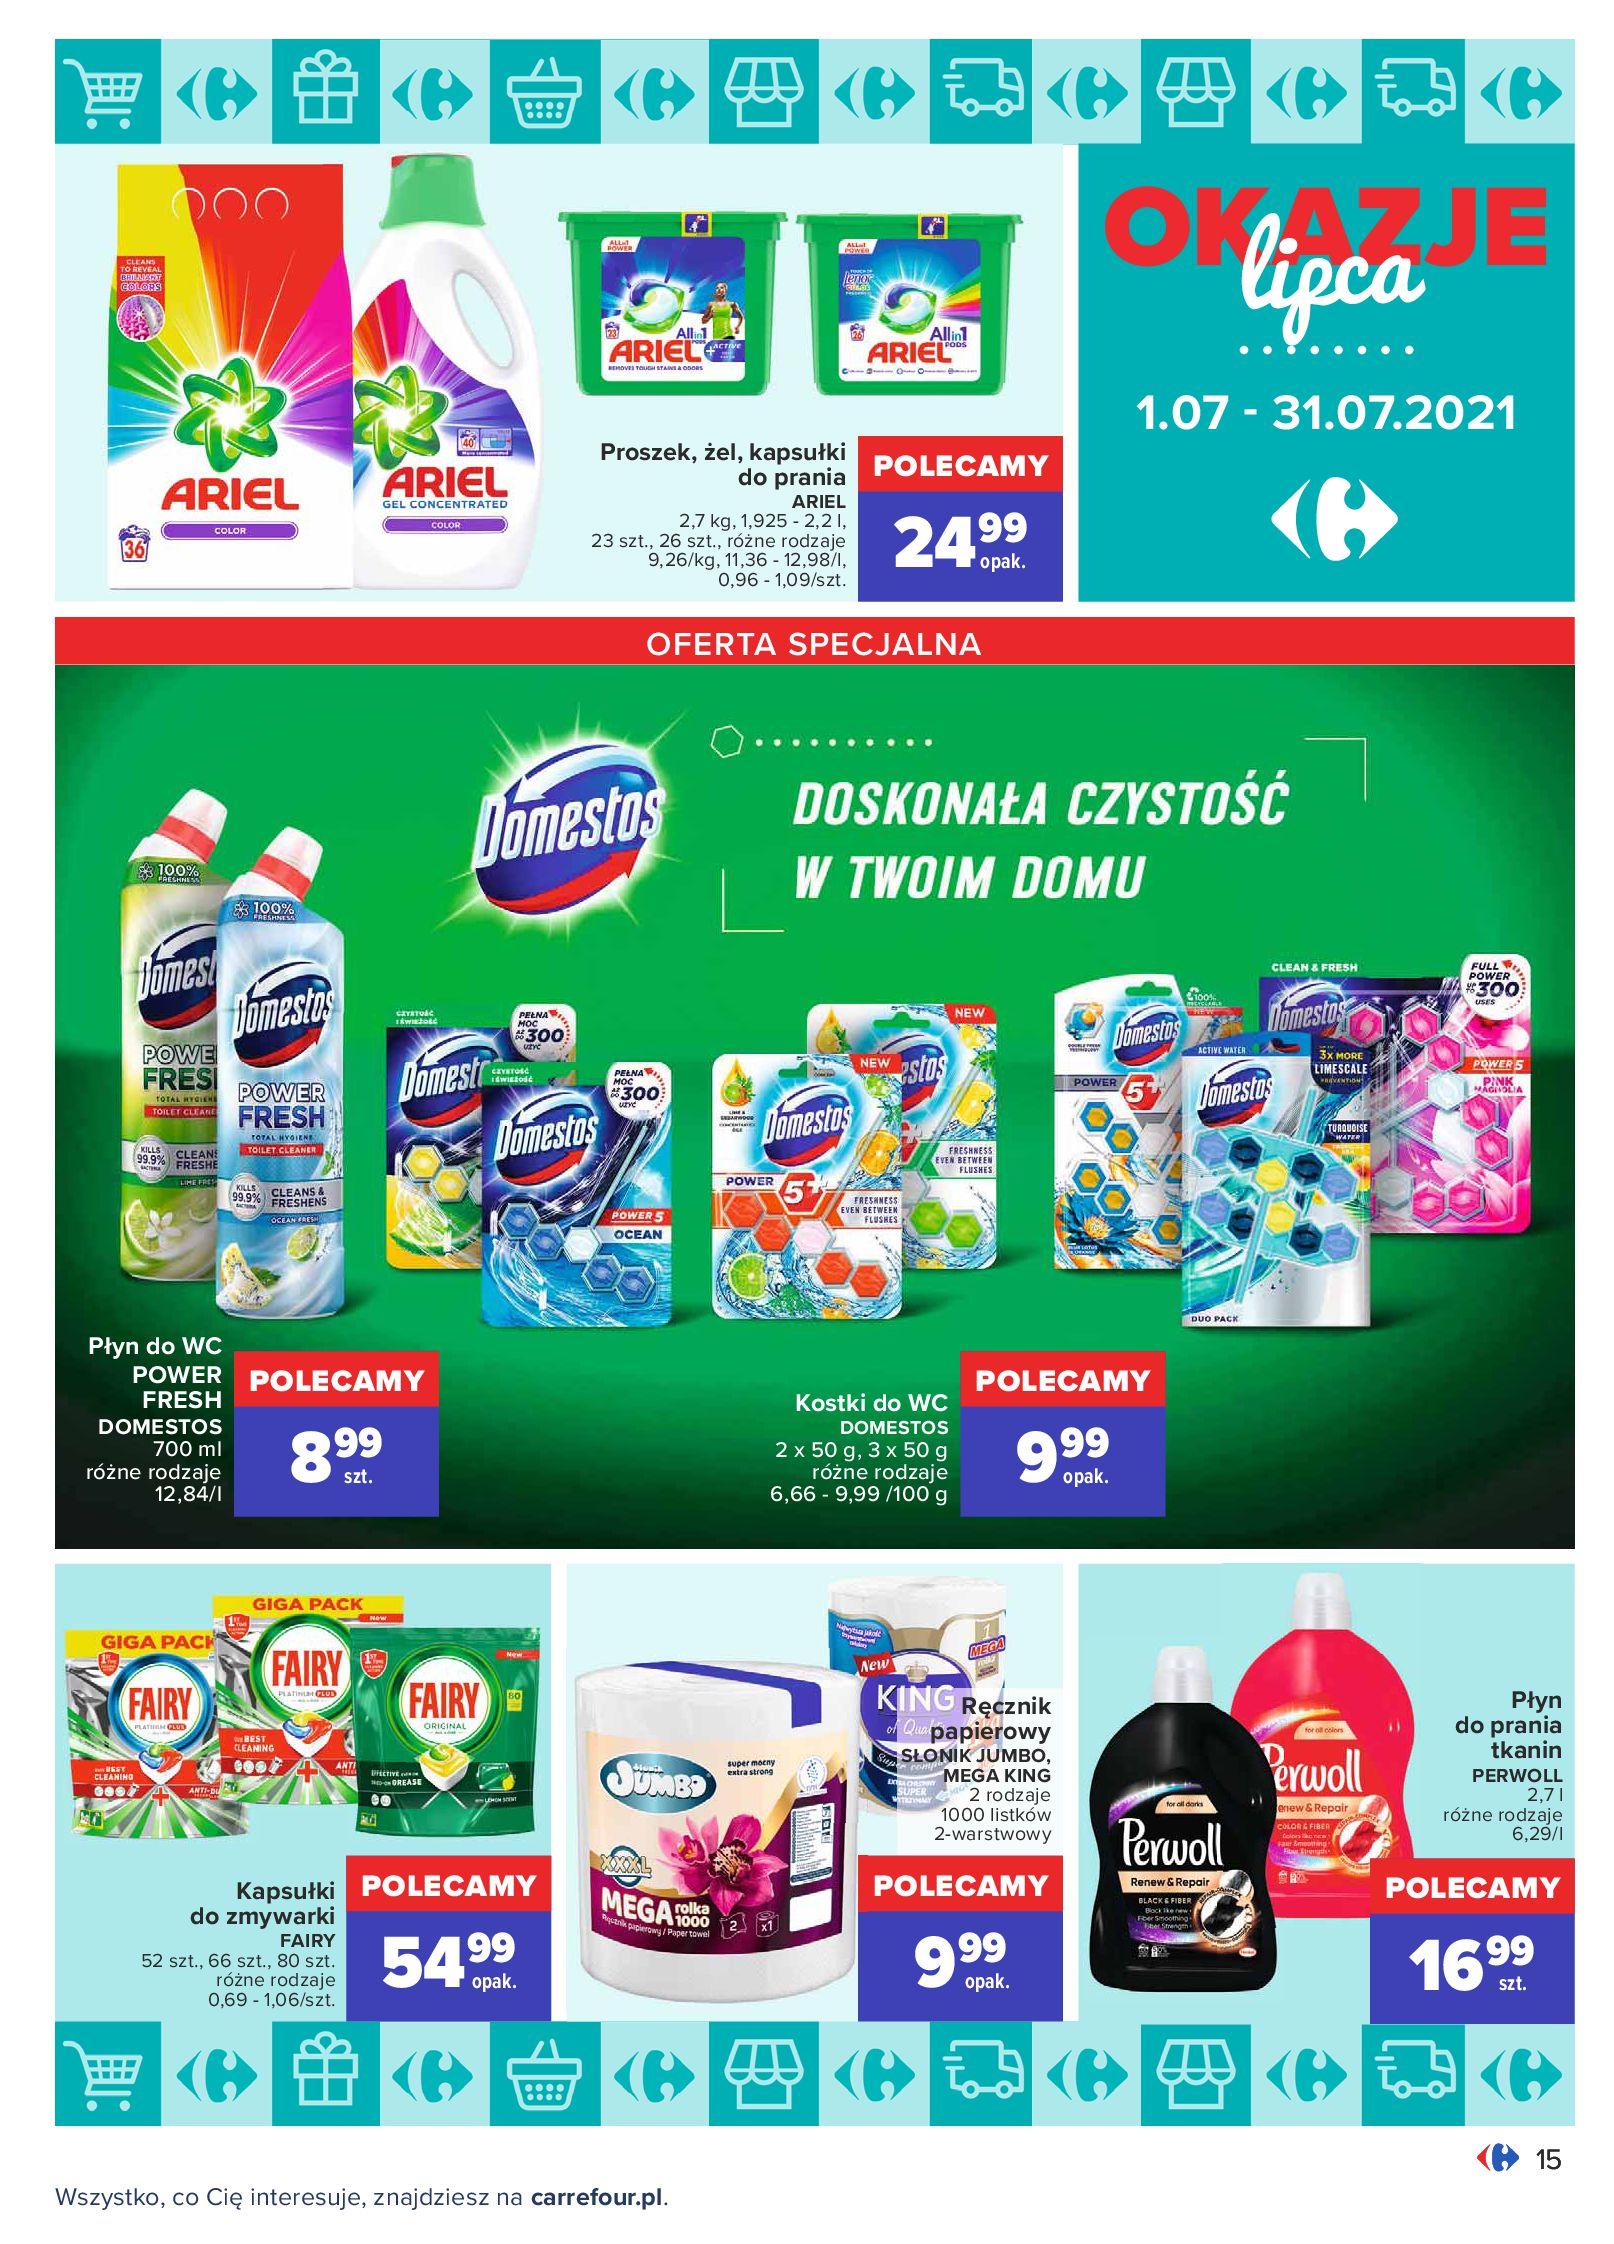 Gazetka Carrefour: Gazetka Carrefour - Okazje lipca 2021-07-01 page-15